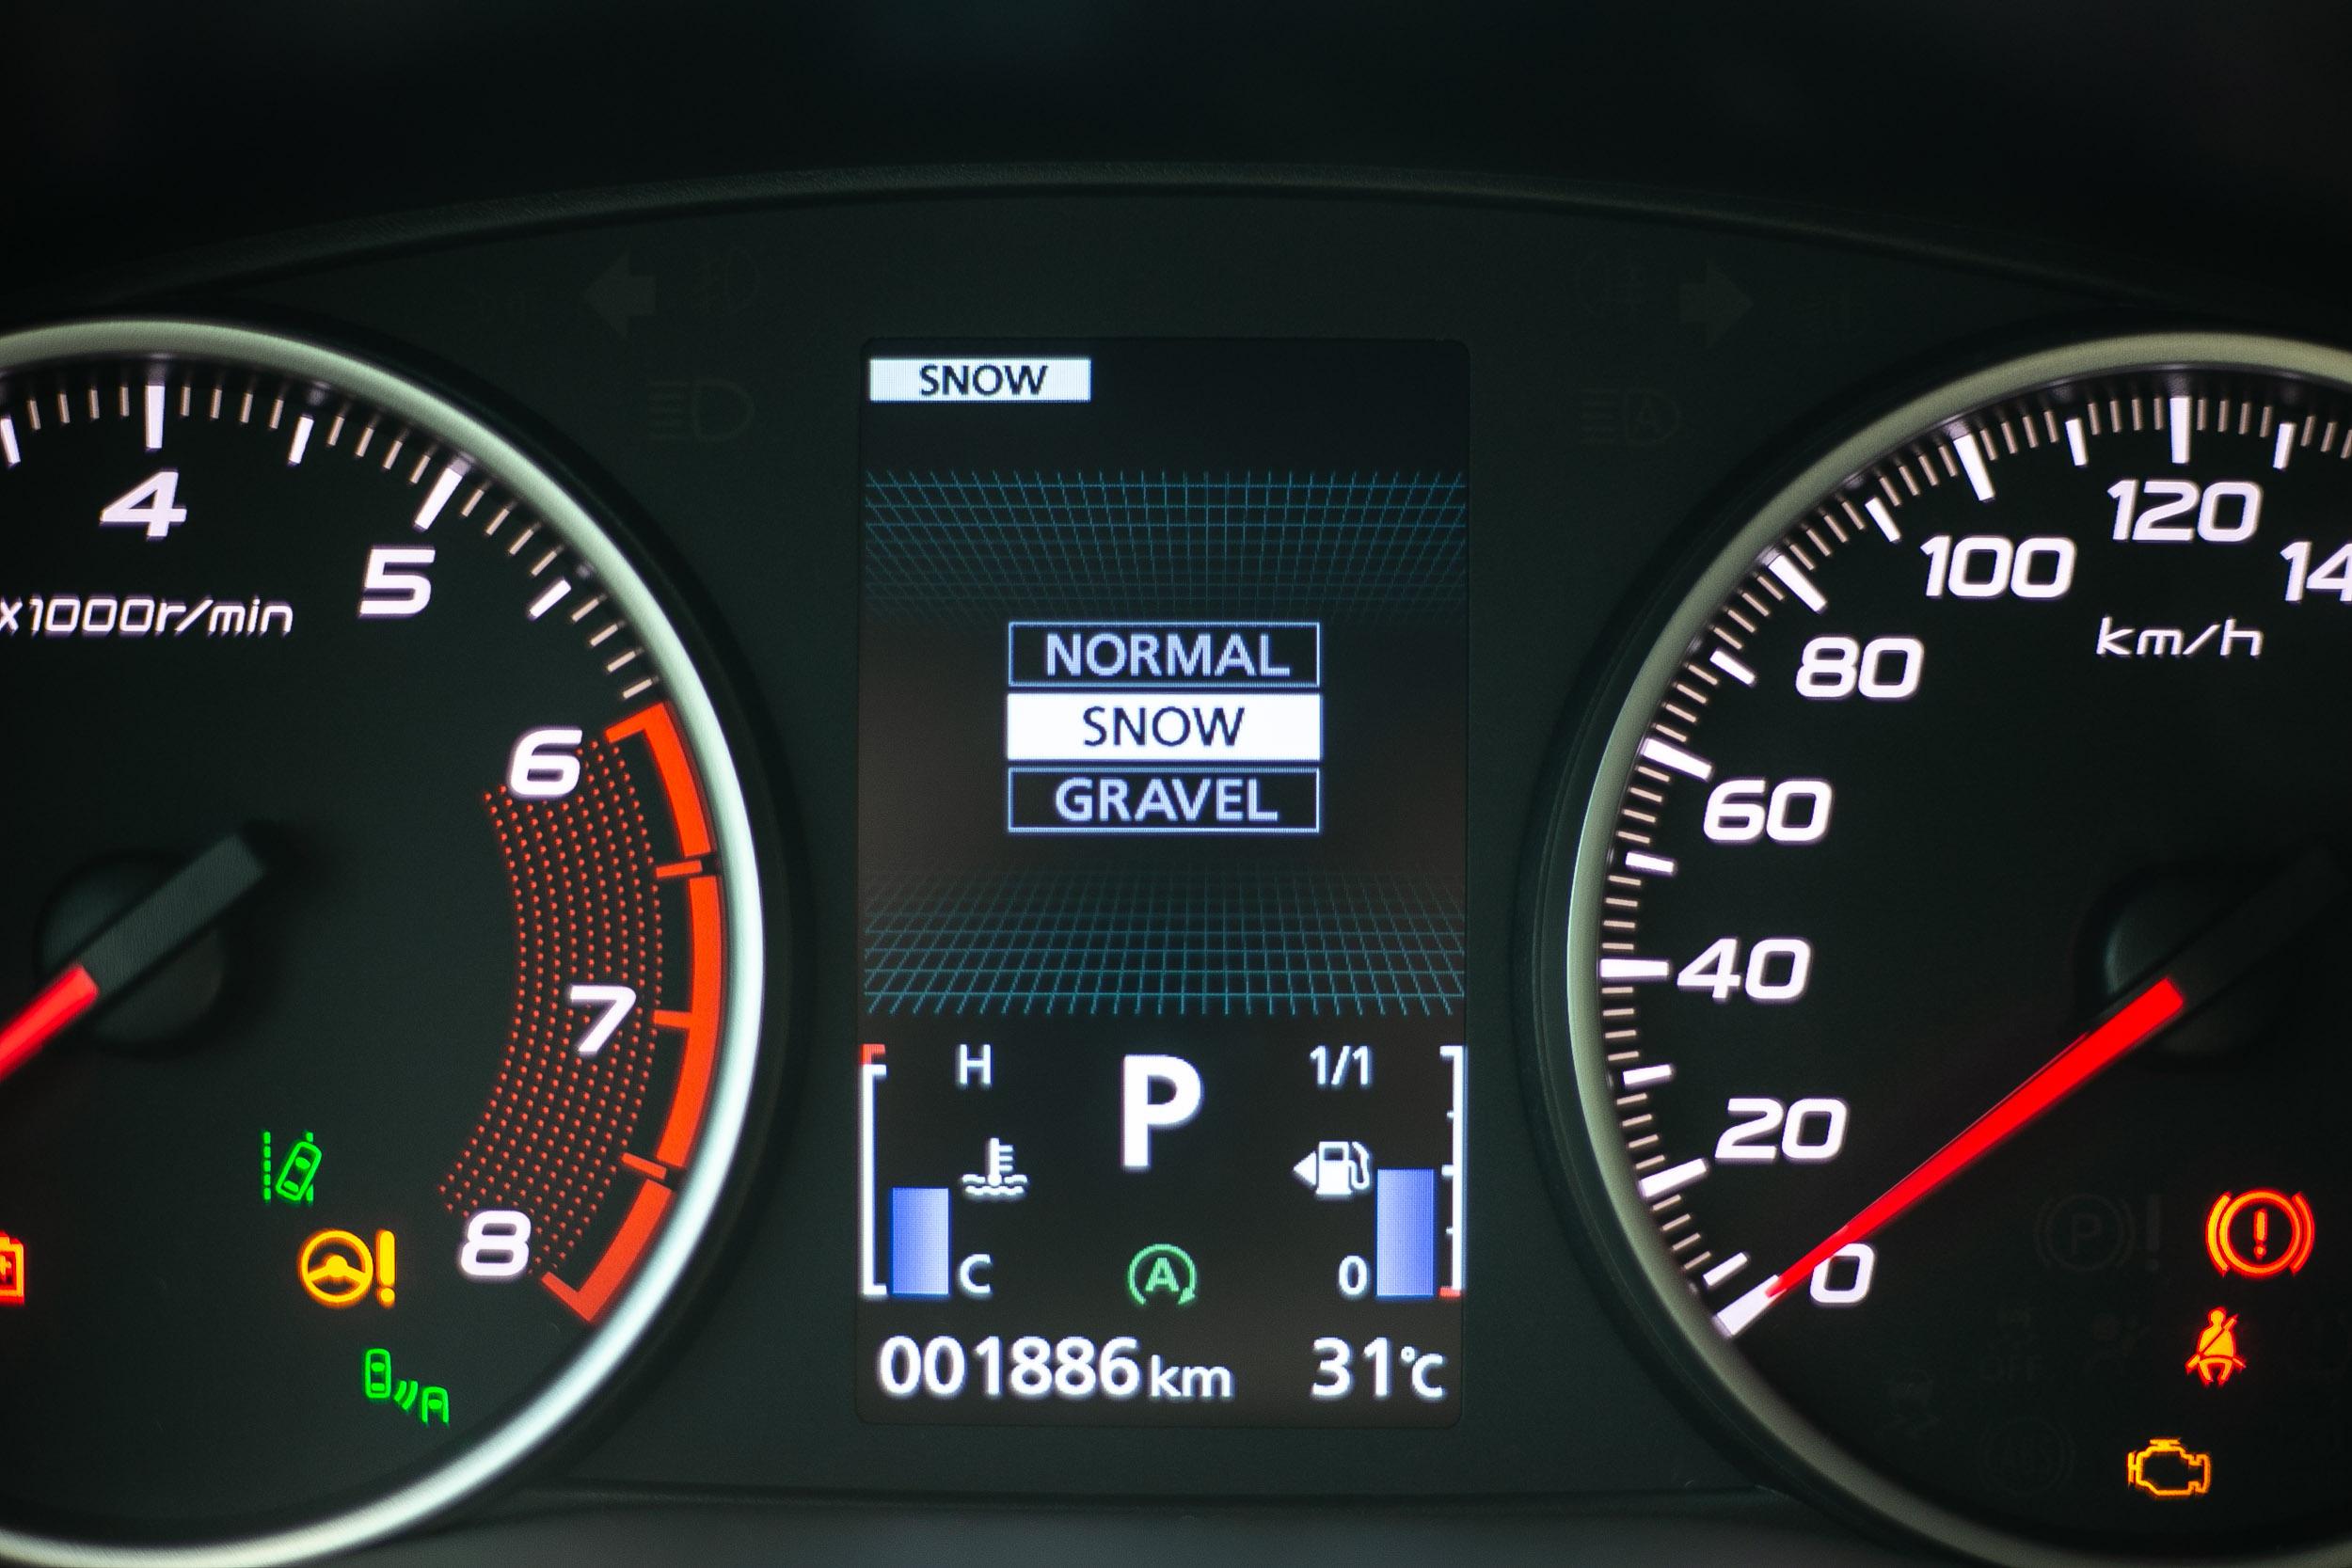 S-AWC 全時四輪驅動提供三種駕駛模式(一般/雪地/砂石)。